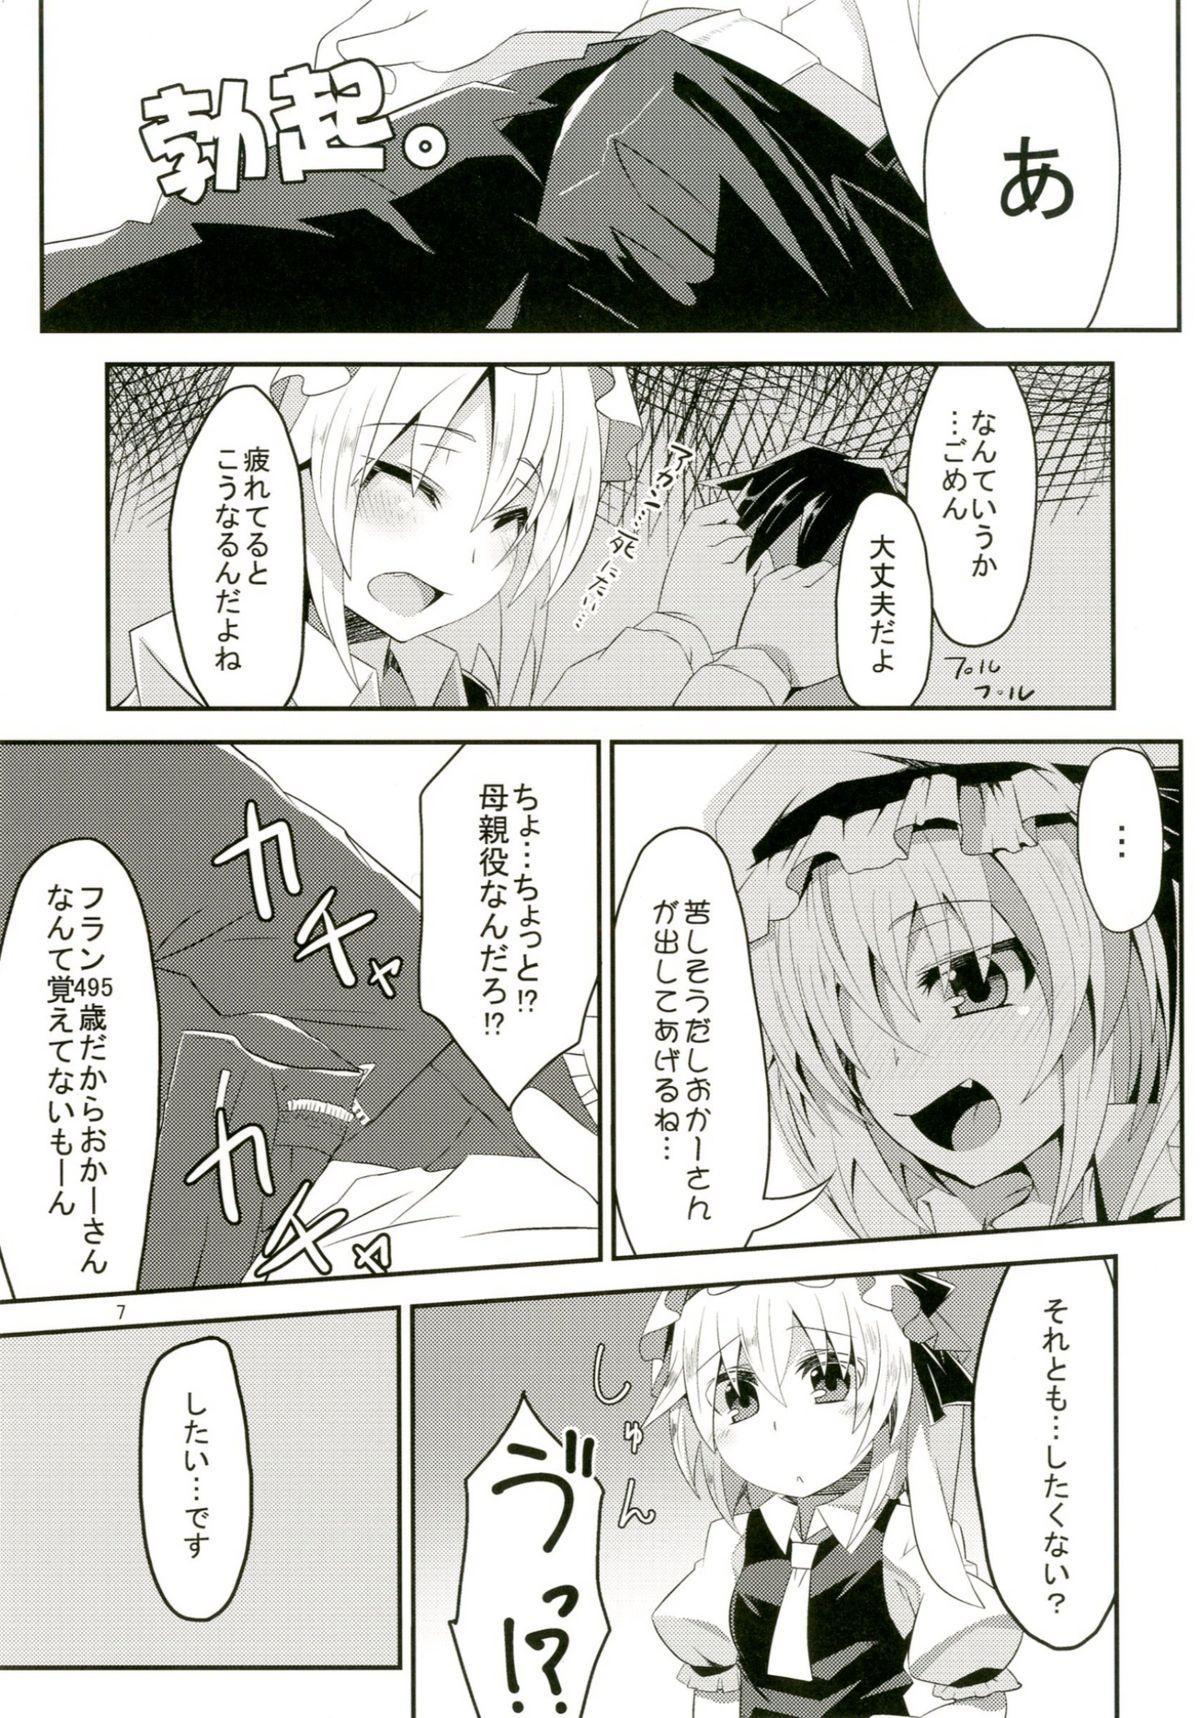 Flan-chan to H na Omamagoto 6